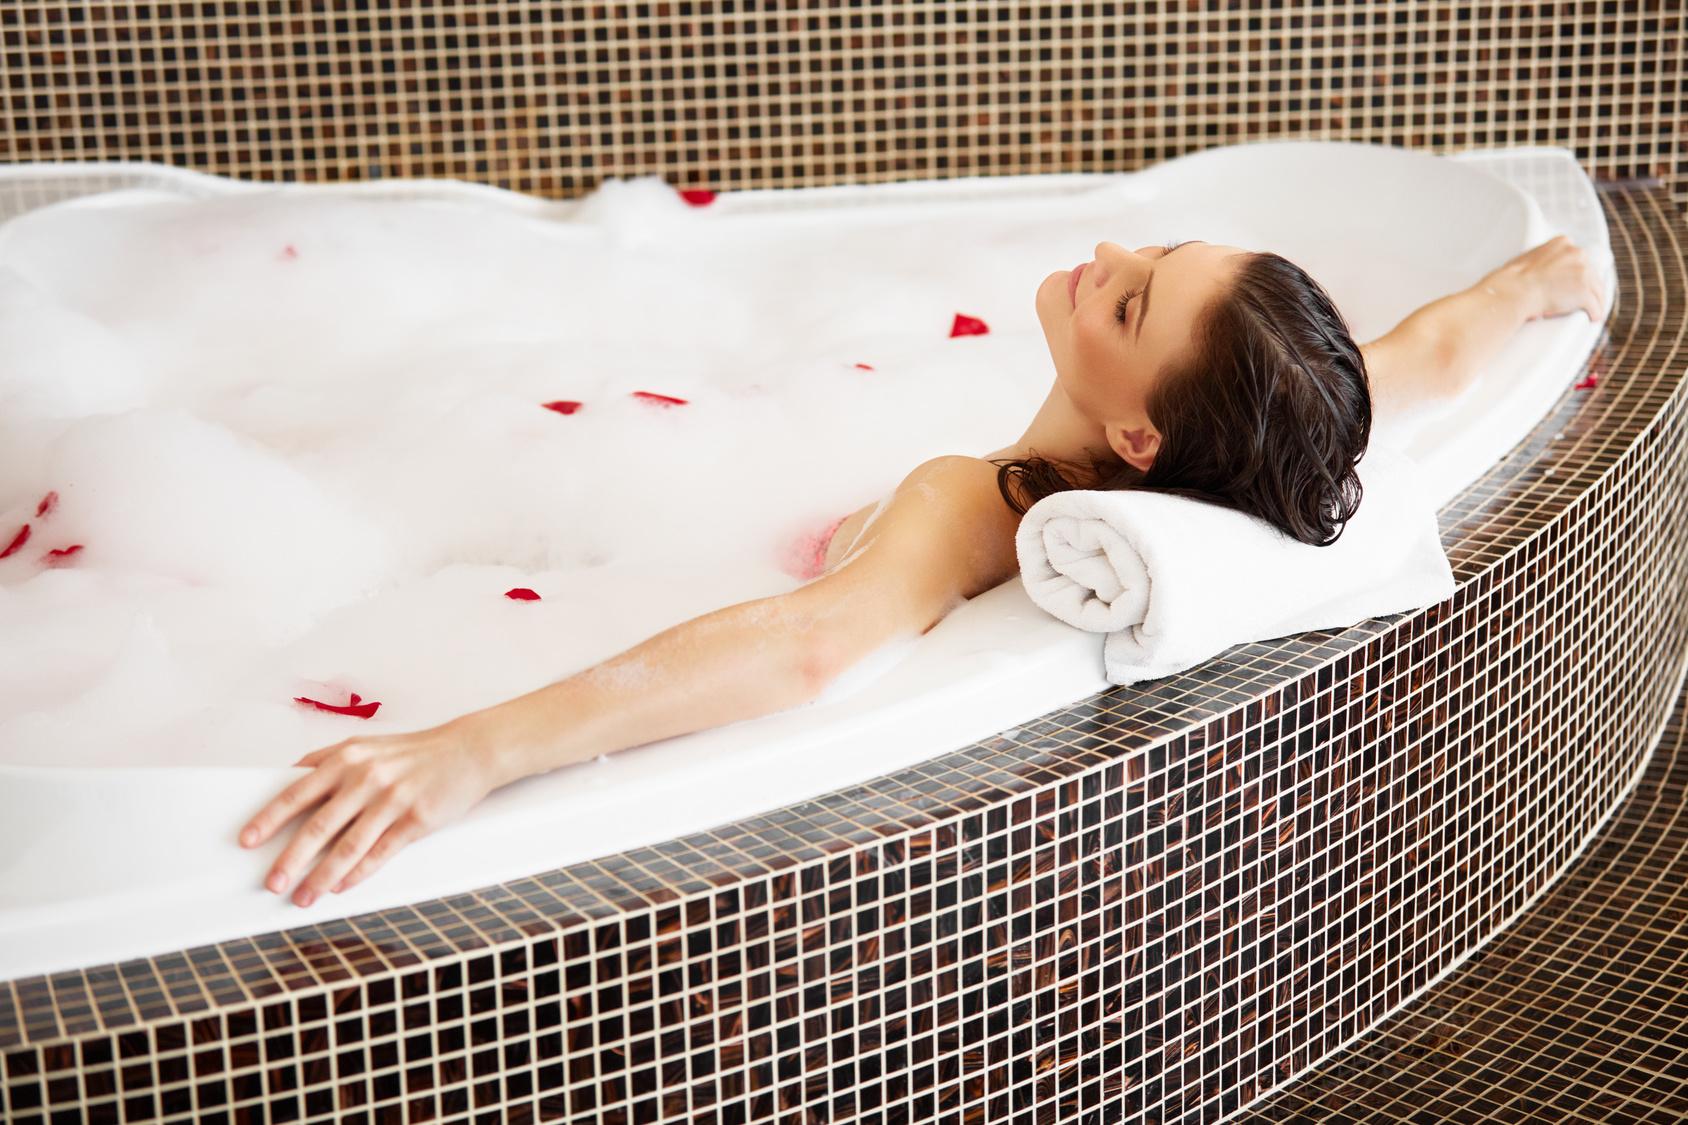 choisir la bonne forme pour votre baignoire renovation baignoires. Black Bedroom Furniture Sets. Home Design Ideas